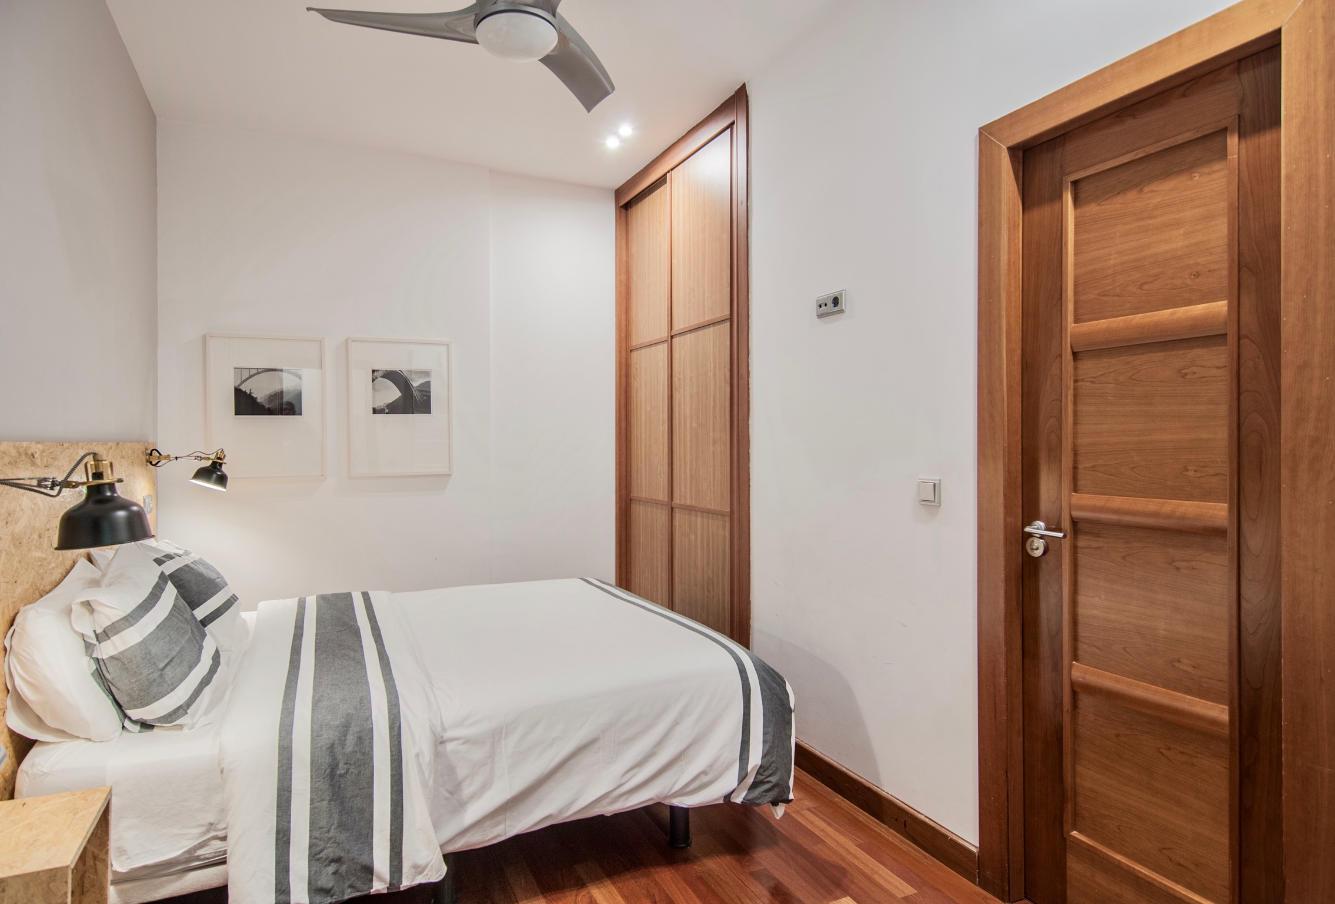 Dormitorio Espíritu Santo II